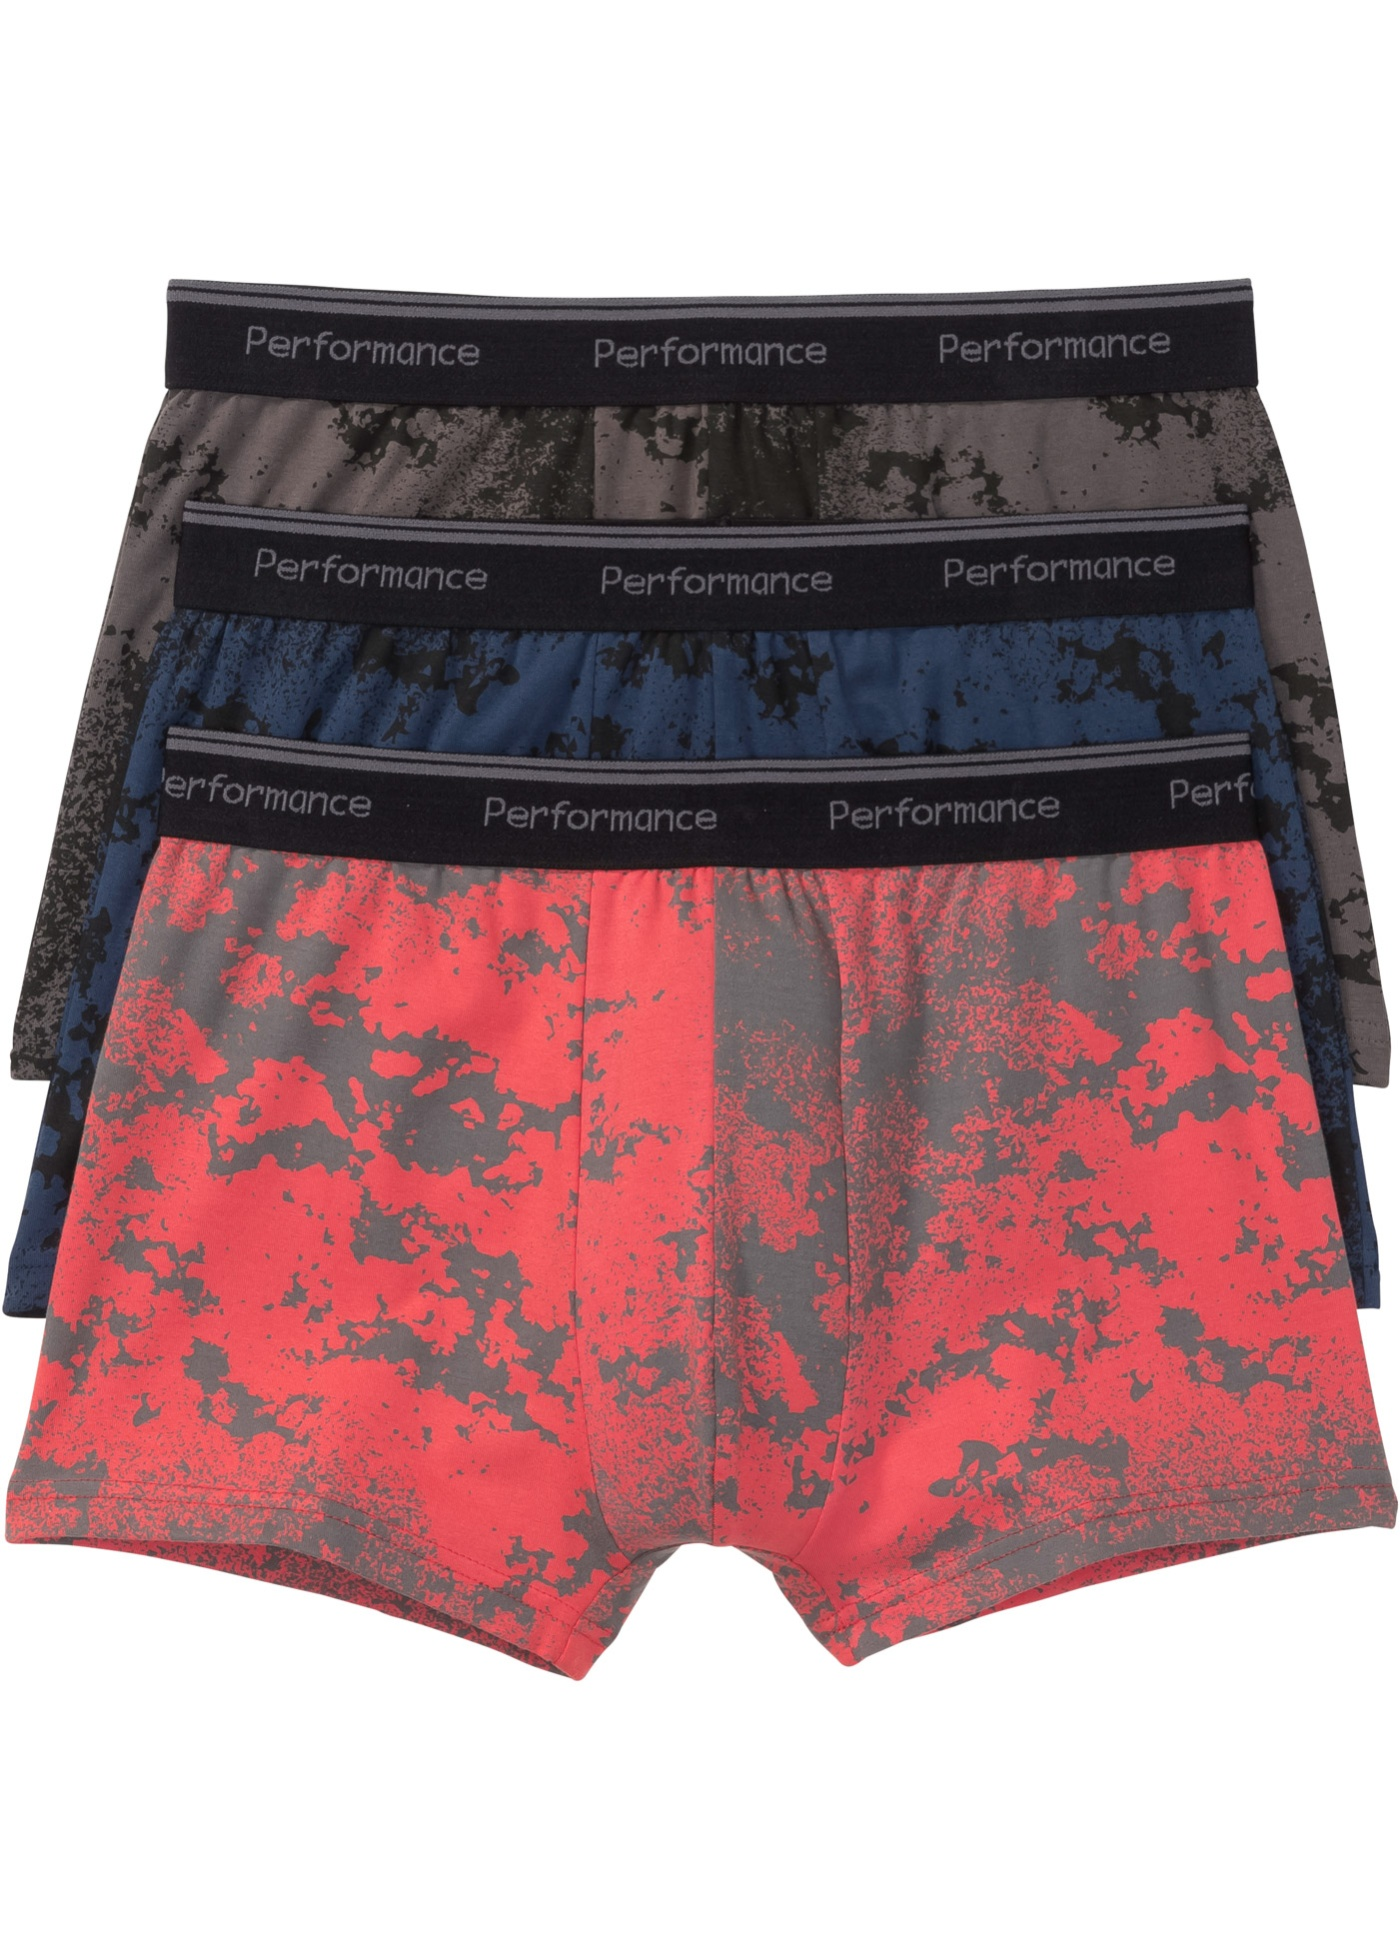 Pour Homme Rouge Bpc Bonprix CollectionLot De 3 Boxers 5LqRS4jc3A